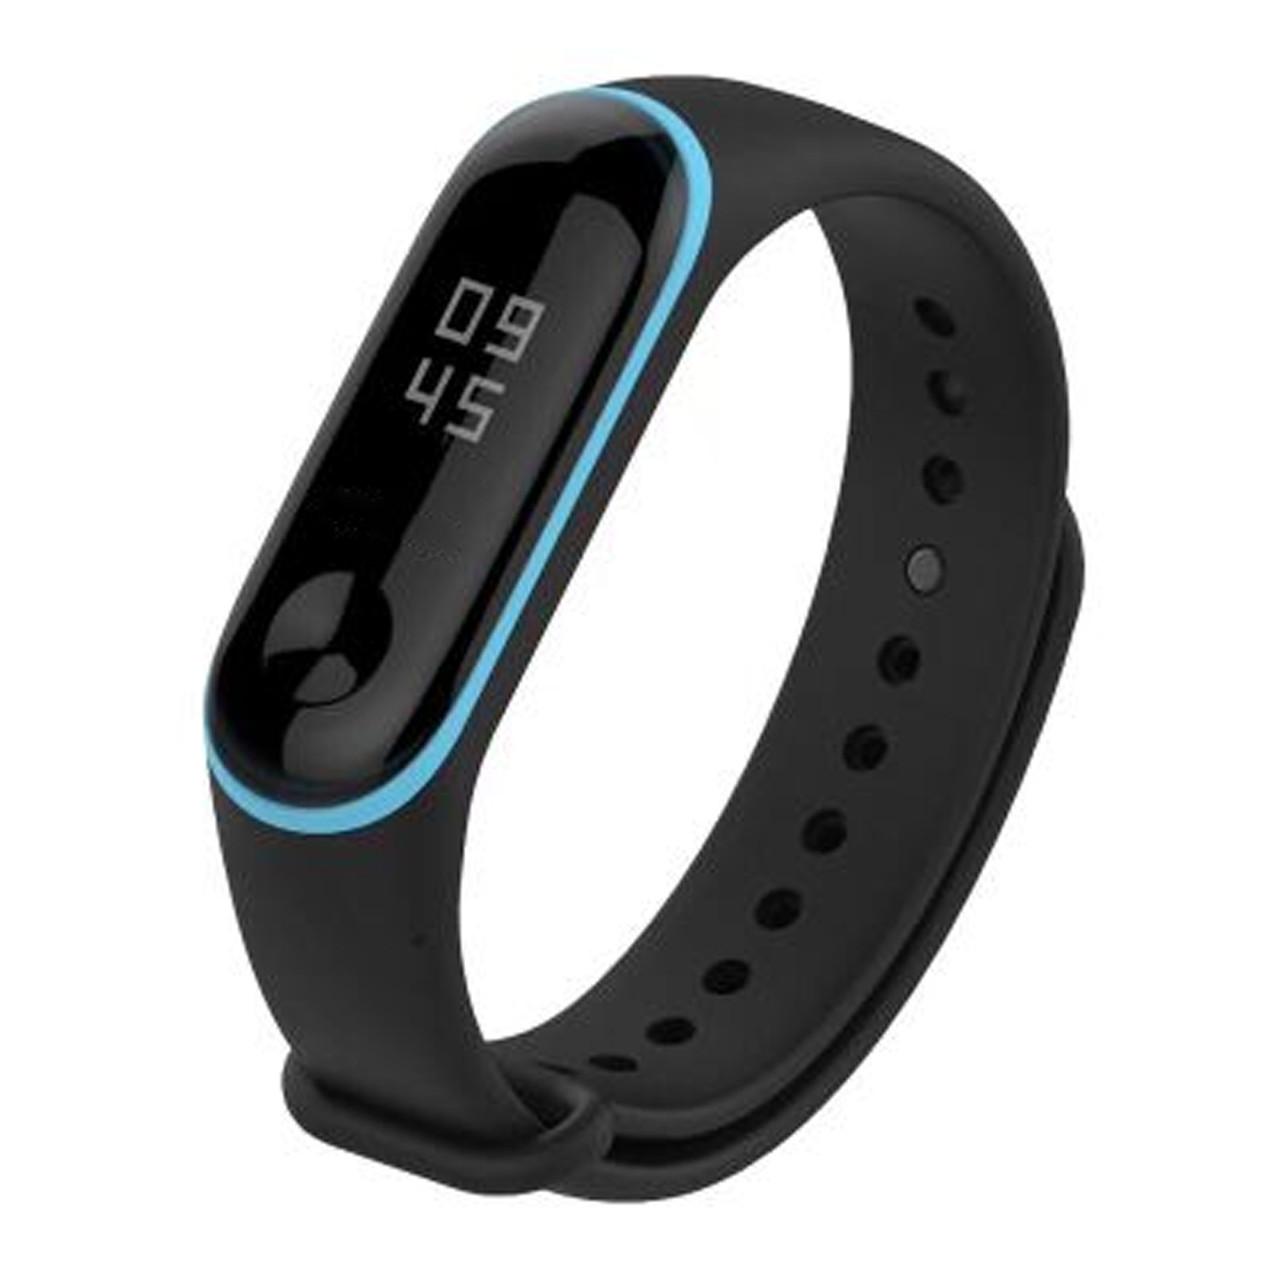 Силиконовый двухцветный чёрный с голубой полоской ремешок на фитнес трекер Xiaomi mi band 4 / 3 браслет